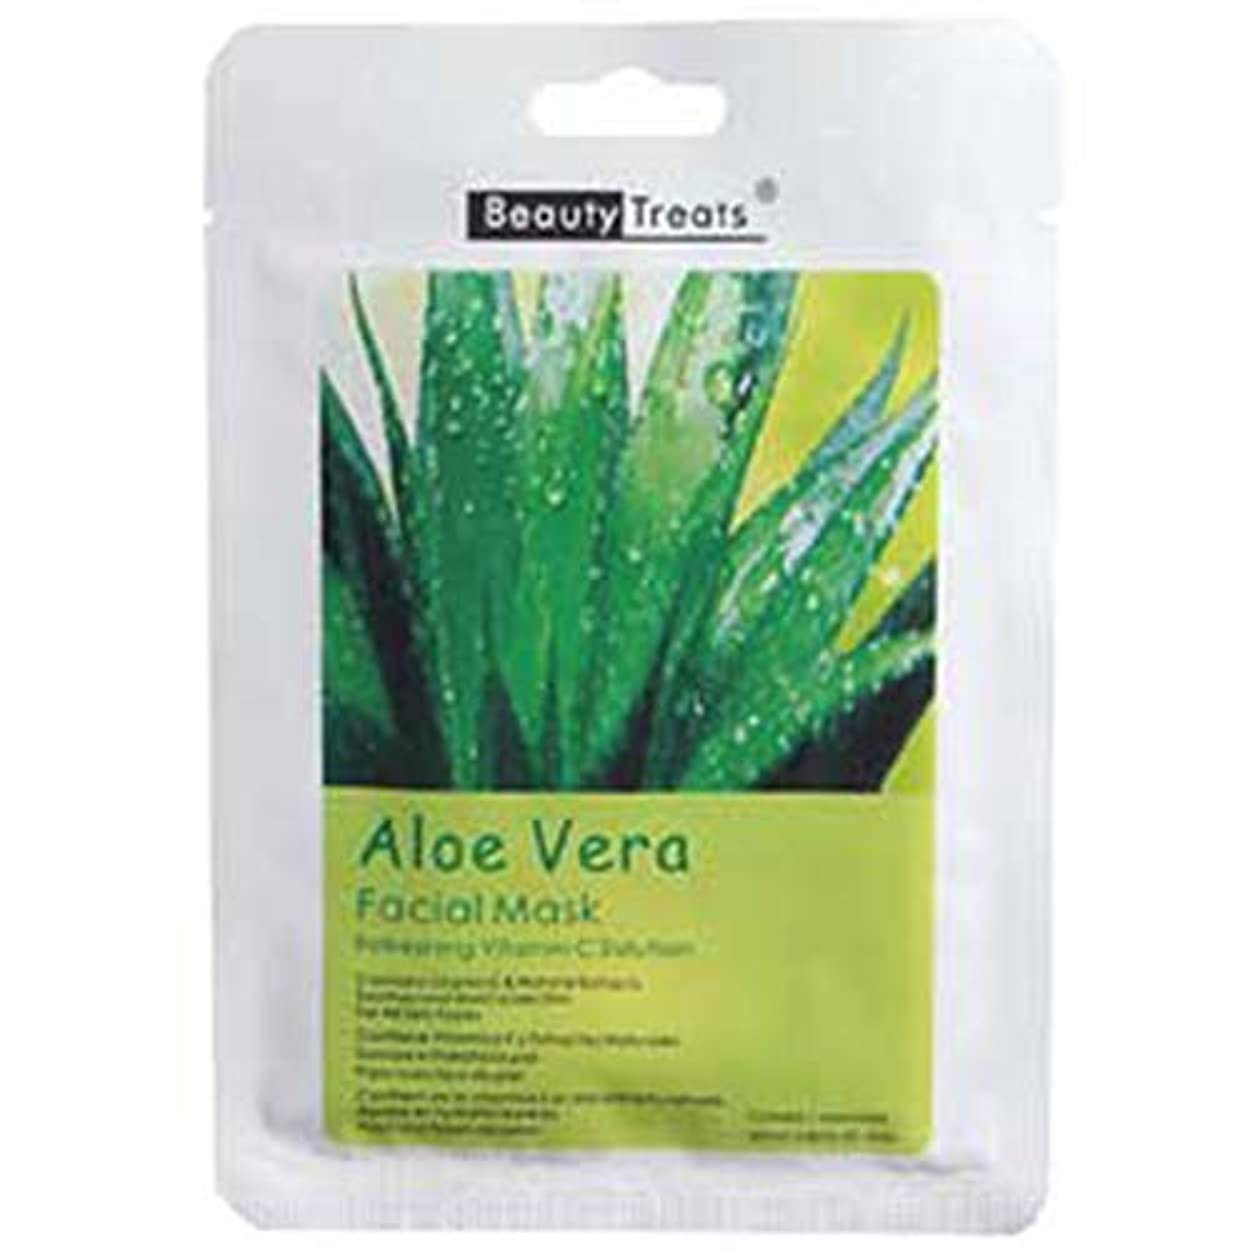 広範囲慎重懐疑的BEAUTY TREATS Facial Mask Refreshing Vitamin C Solution - Aloe Vera (並行輸入品)